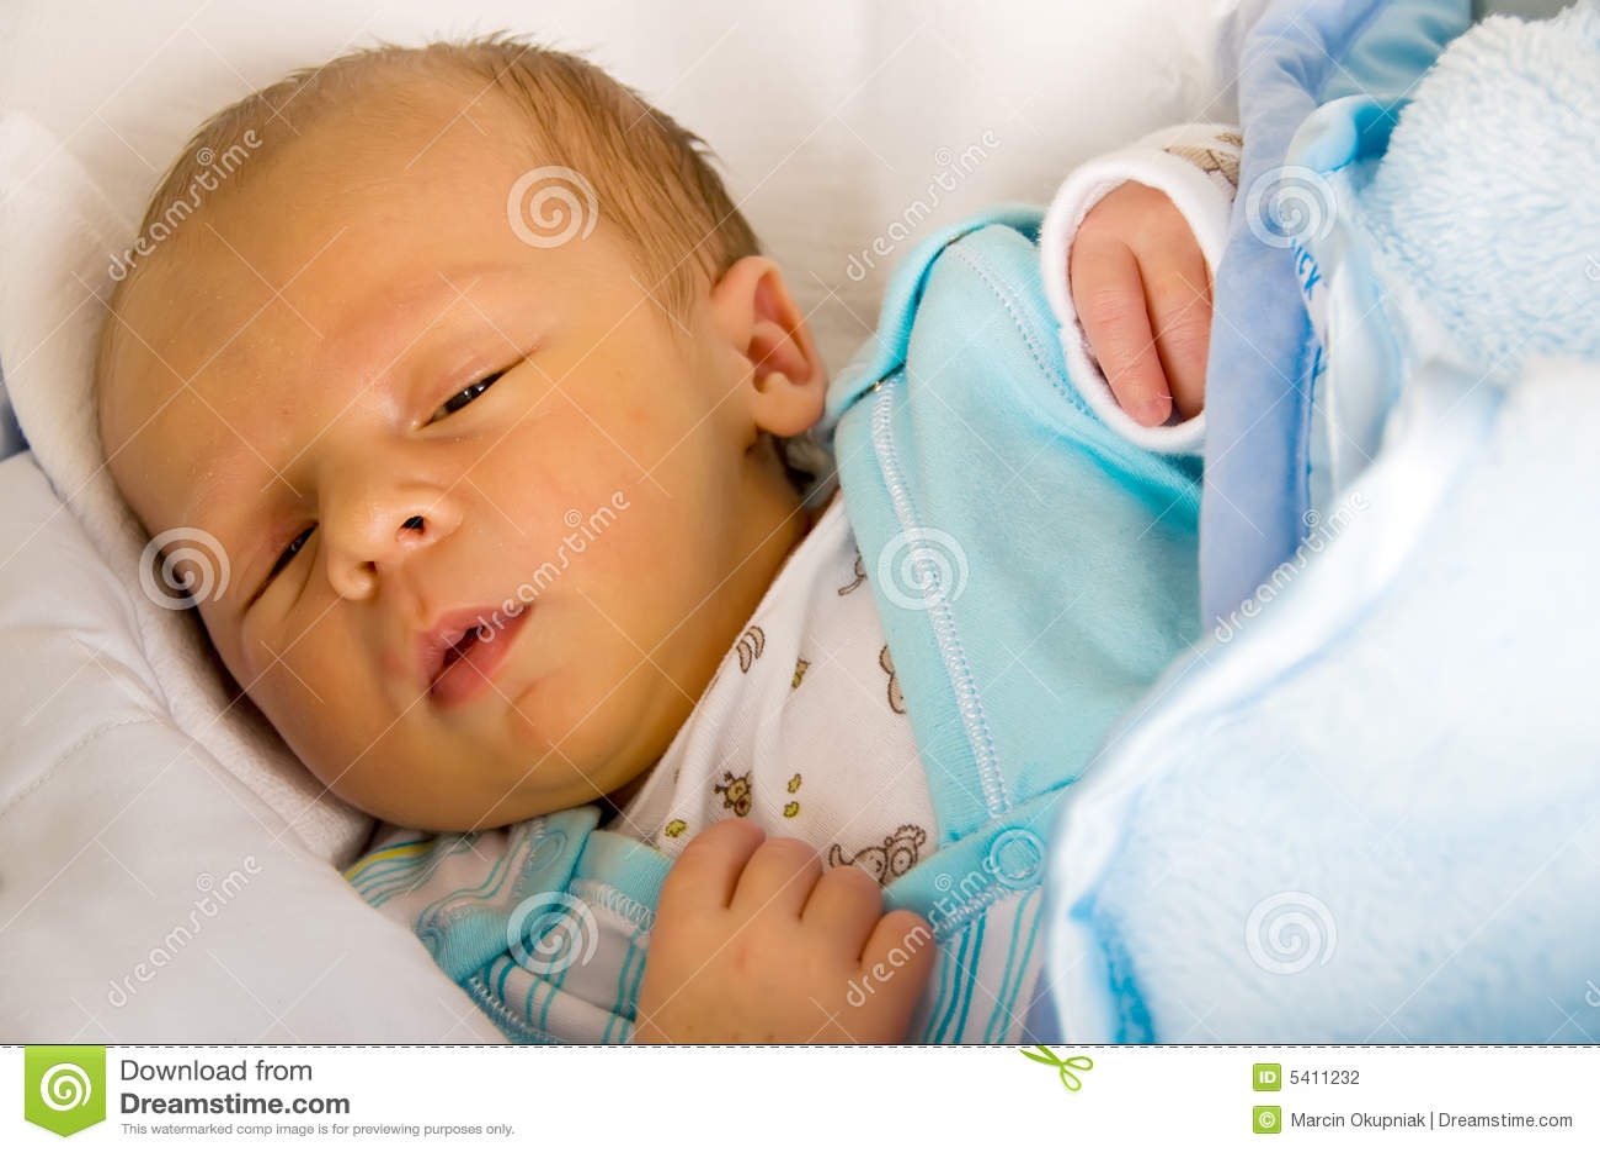 neugeborenes schlafen stockfoto bild von getragen gesundheit 5411232. Black Bedroom Furniture Sets. Home Design Ideas